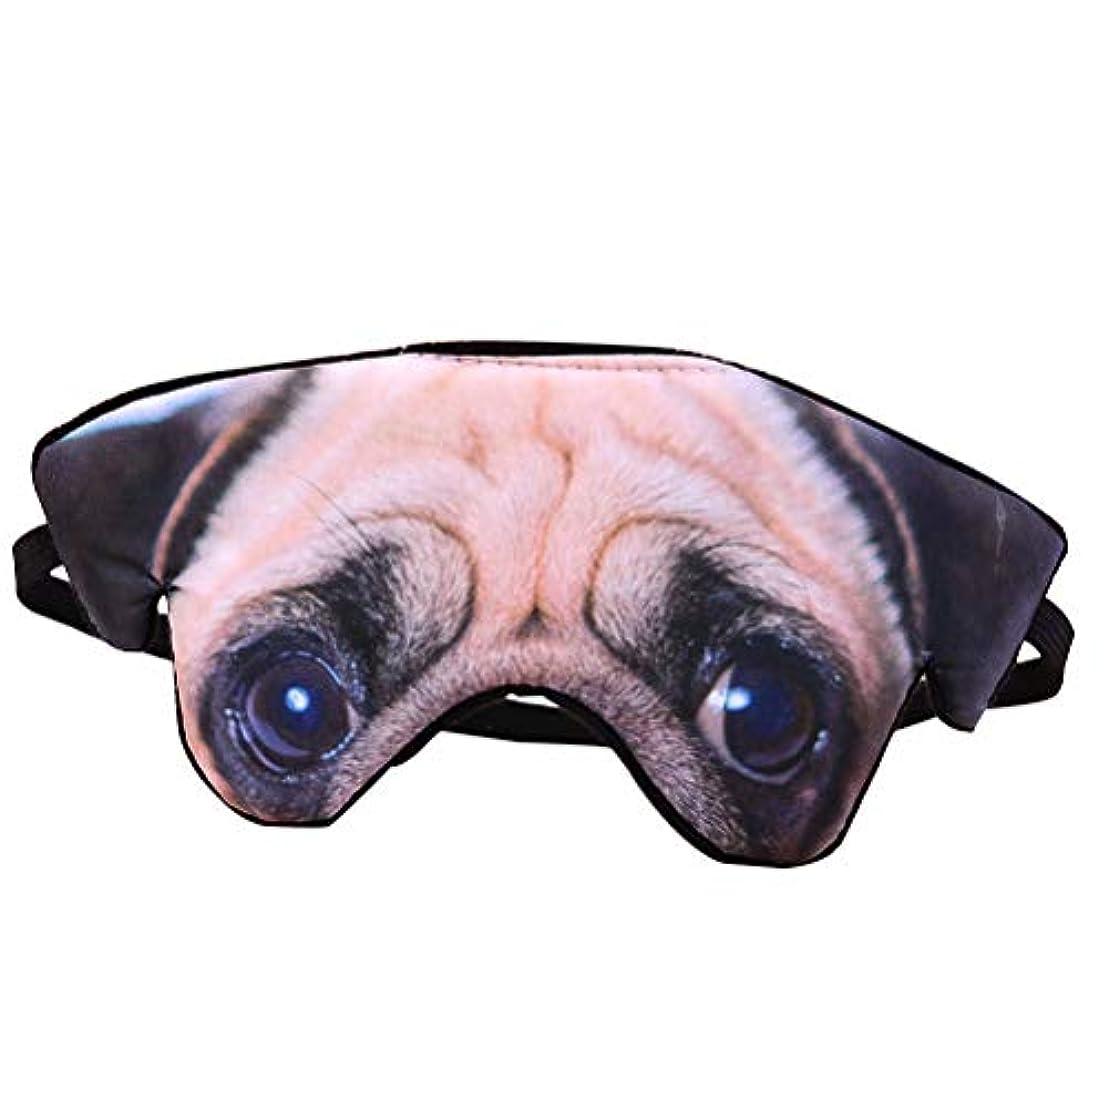 褒賞用心深い国内のHealifty 3Dアイマスクシェードナップカバー目隠しレストエイド疲労アイパッドスリープゴーグル(Pug)